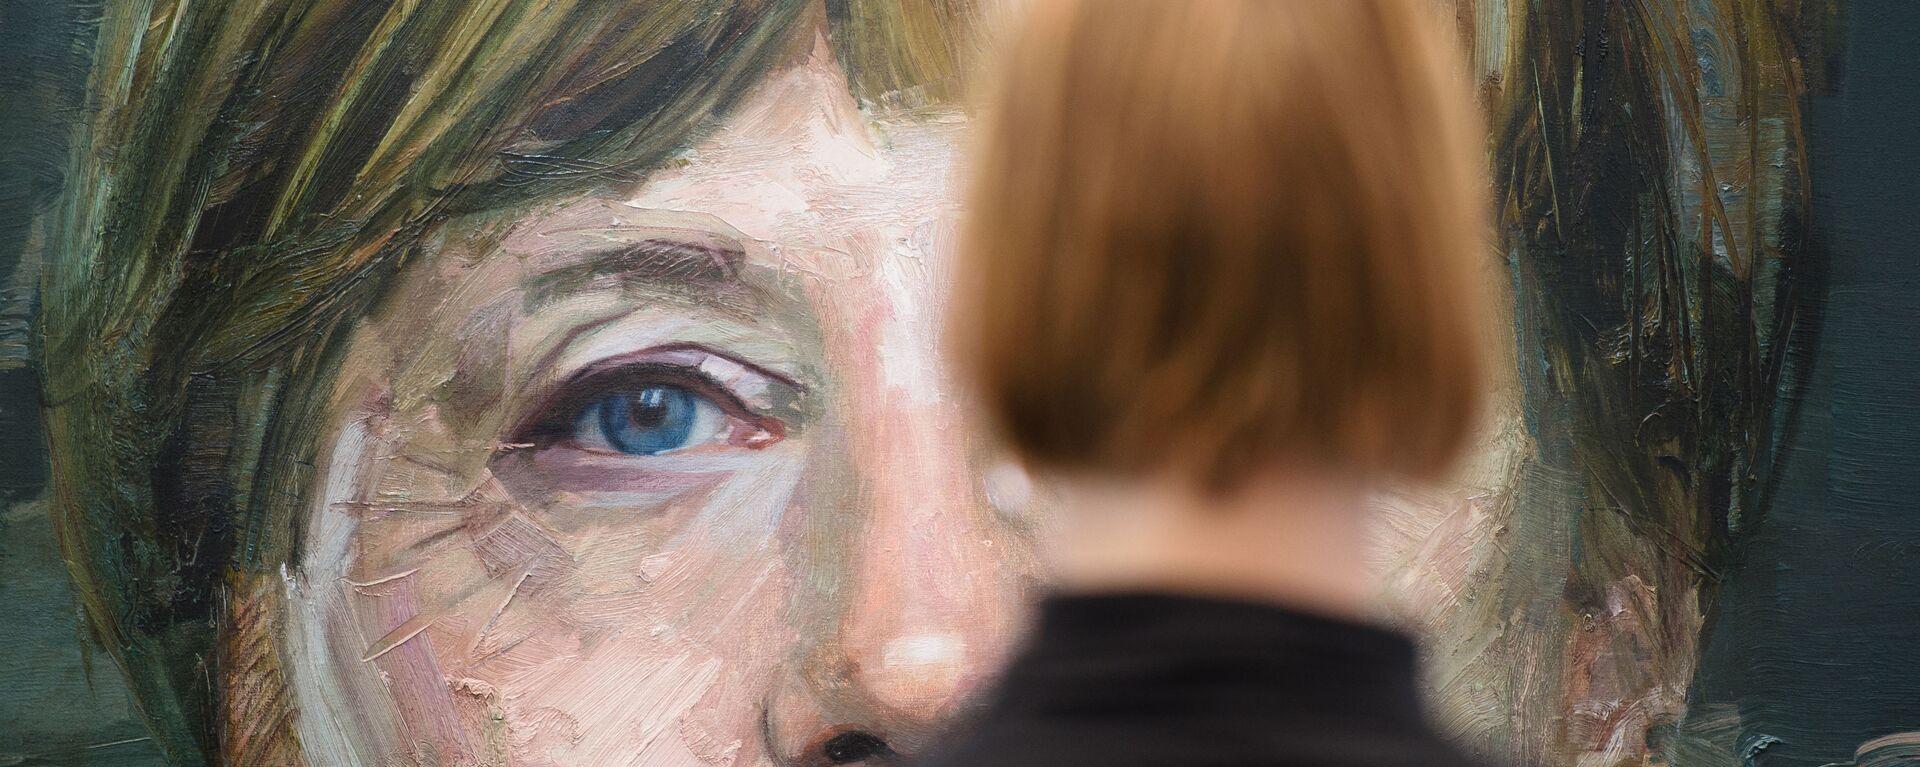 Портрет Ангелы Меркель Колина Дэвидсона на Лондонской художественной ярмарке - Sputnik Таджикистан, 1920, 24.09.2021